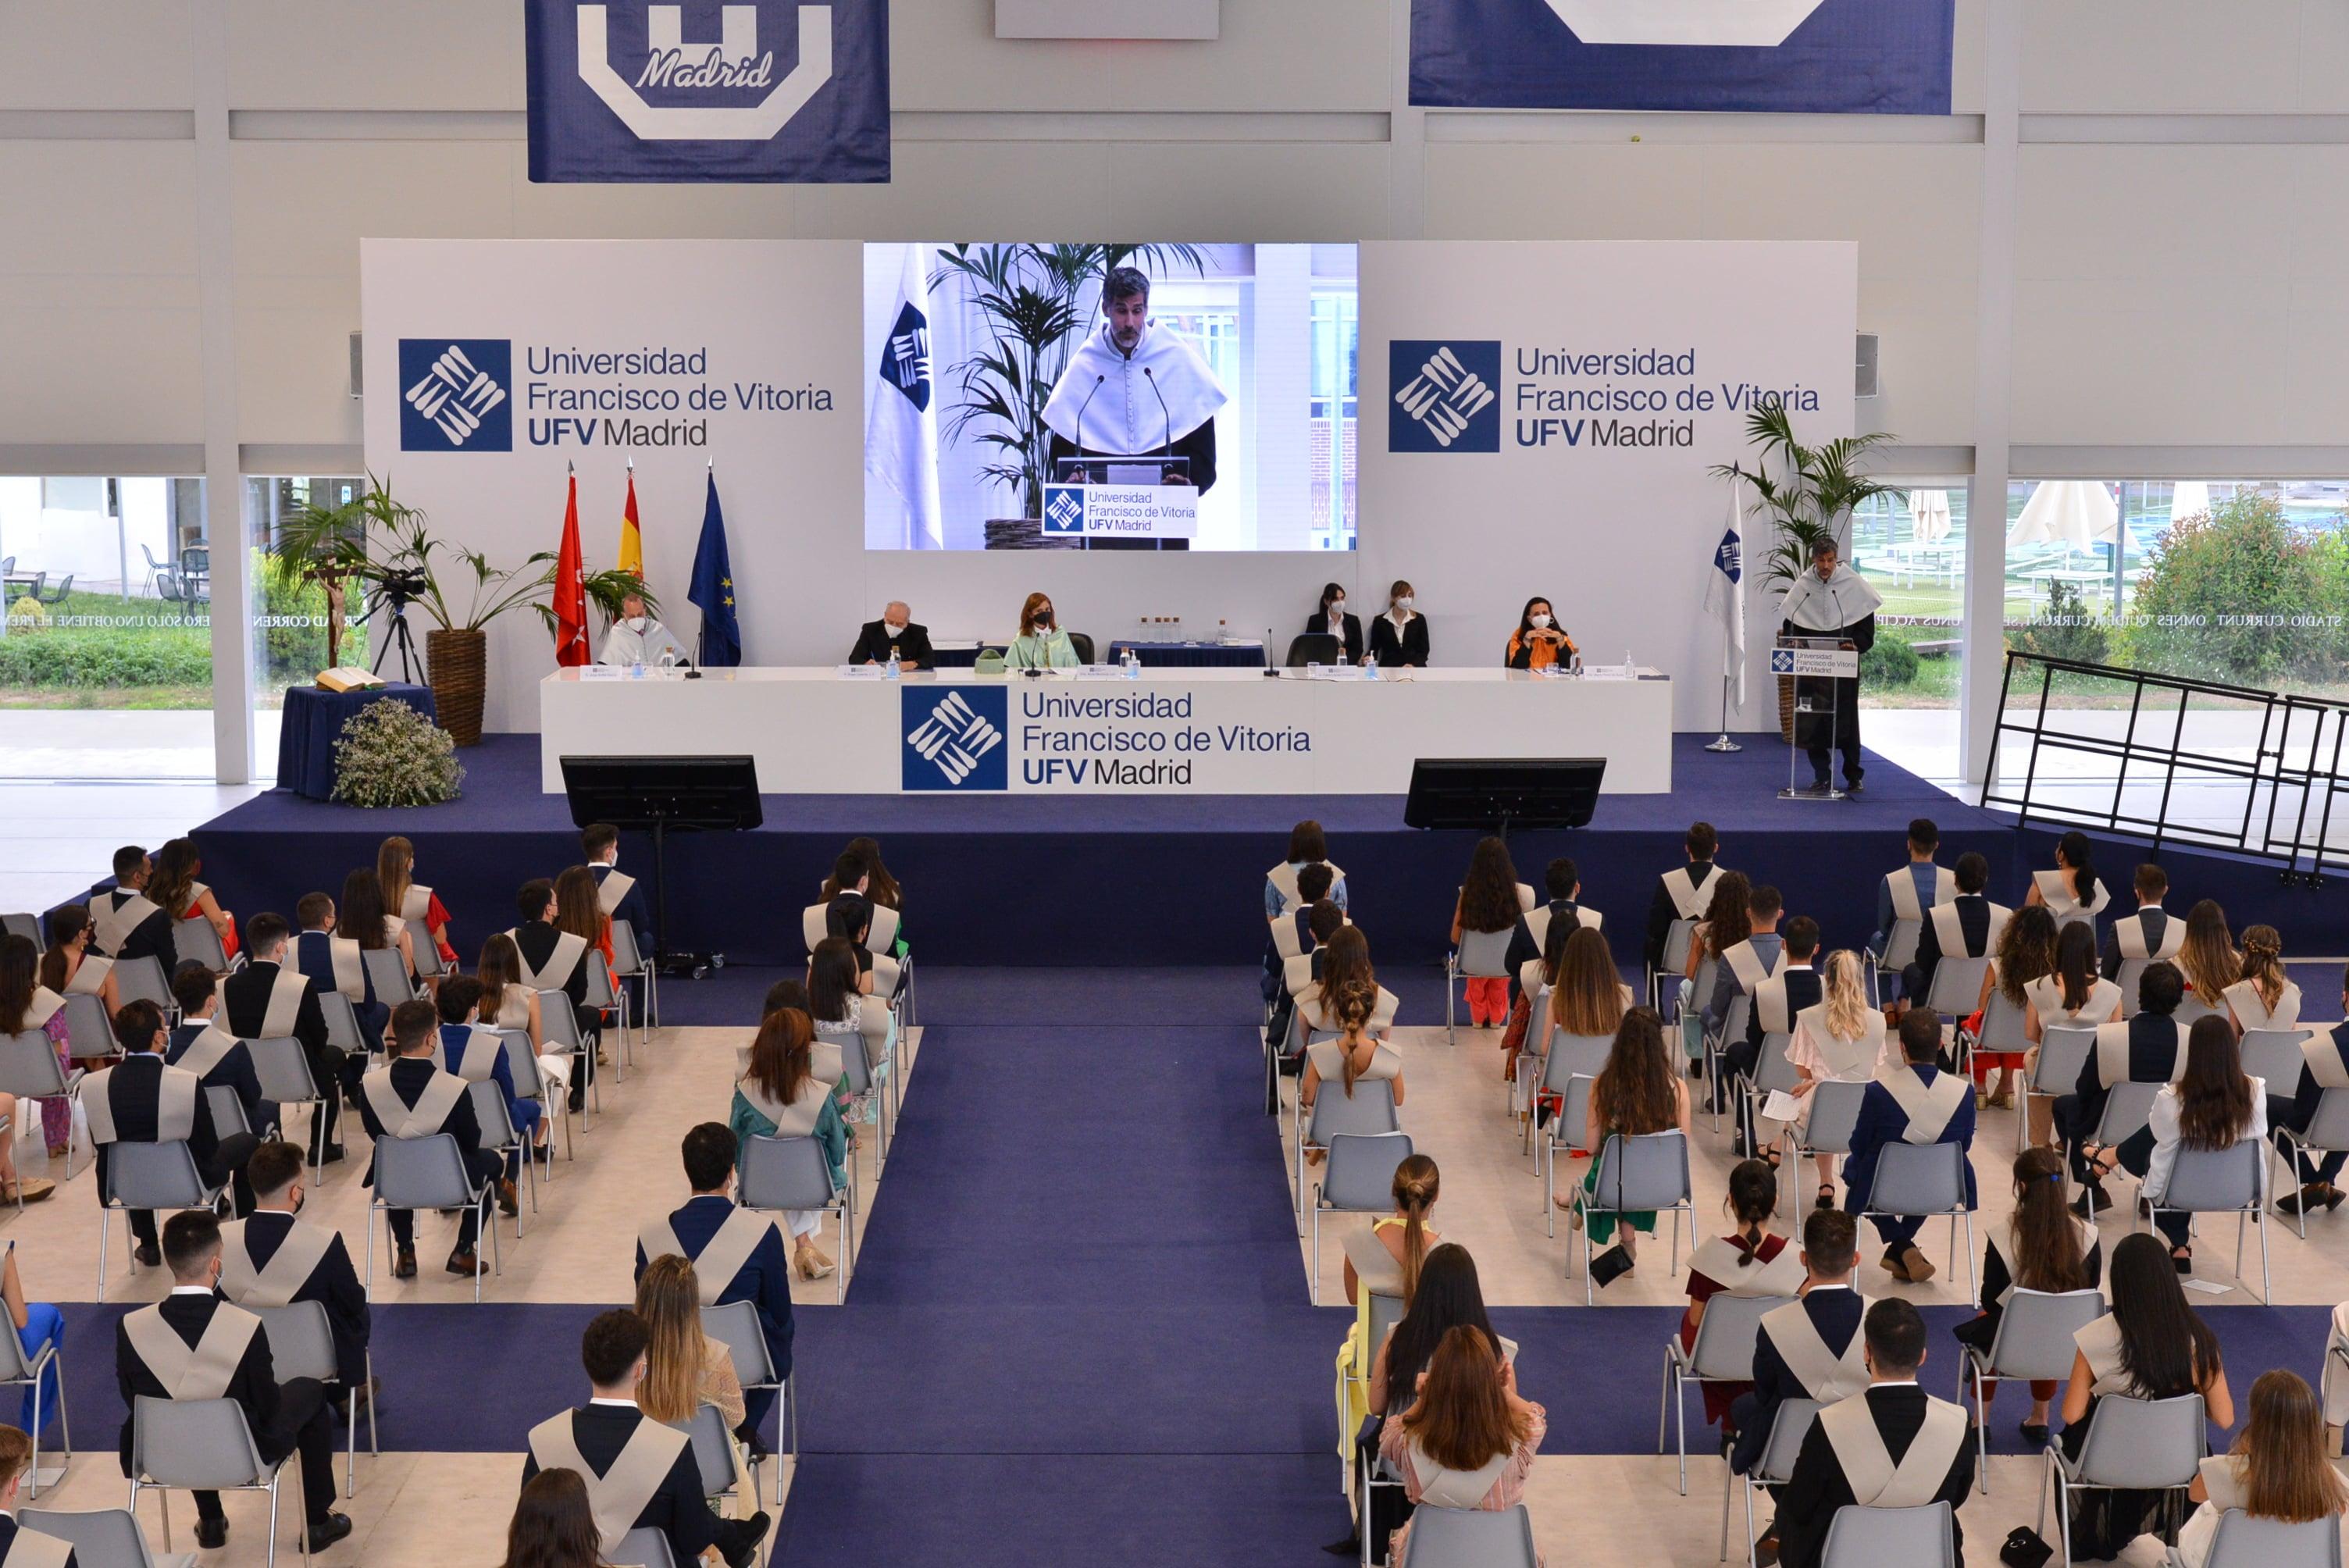 210706UFV 1111 min Actos académicos Estudiar en Universidad Privada Madrid